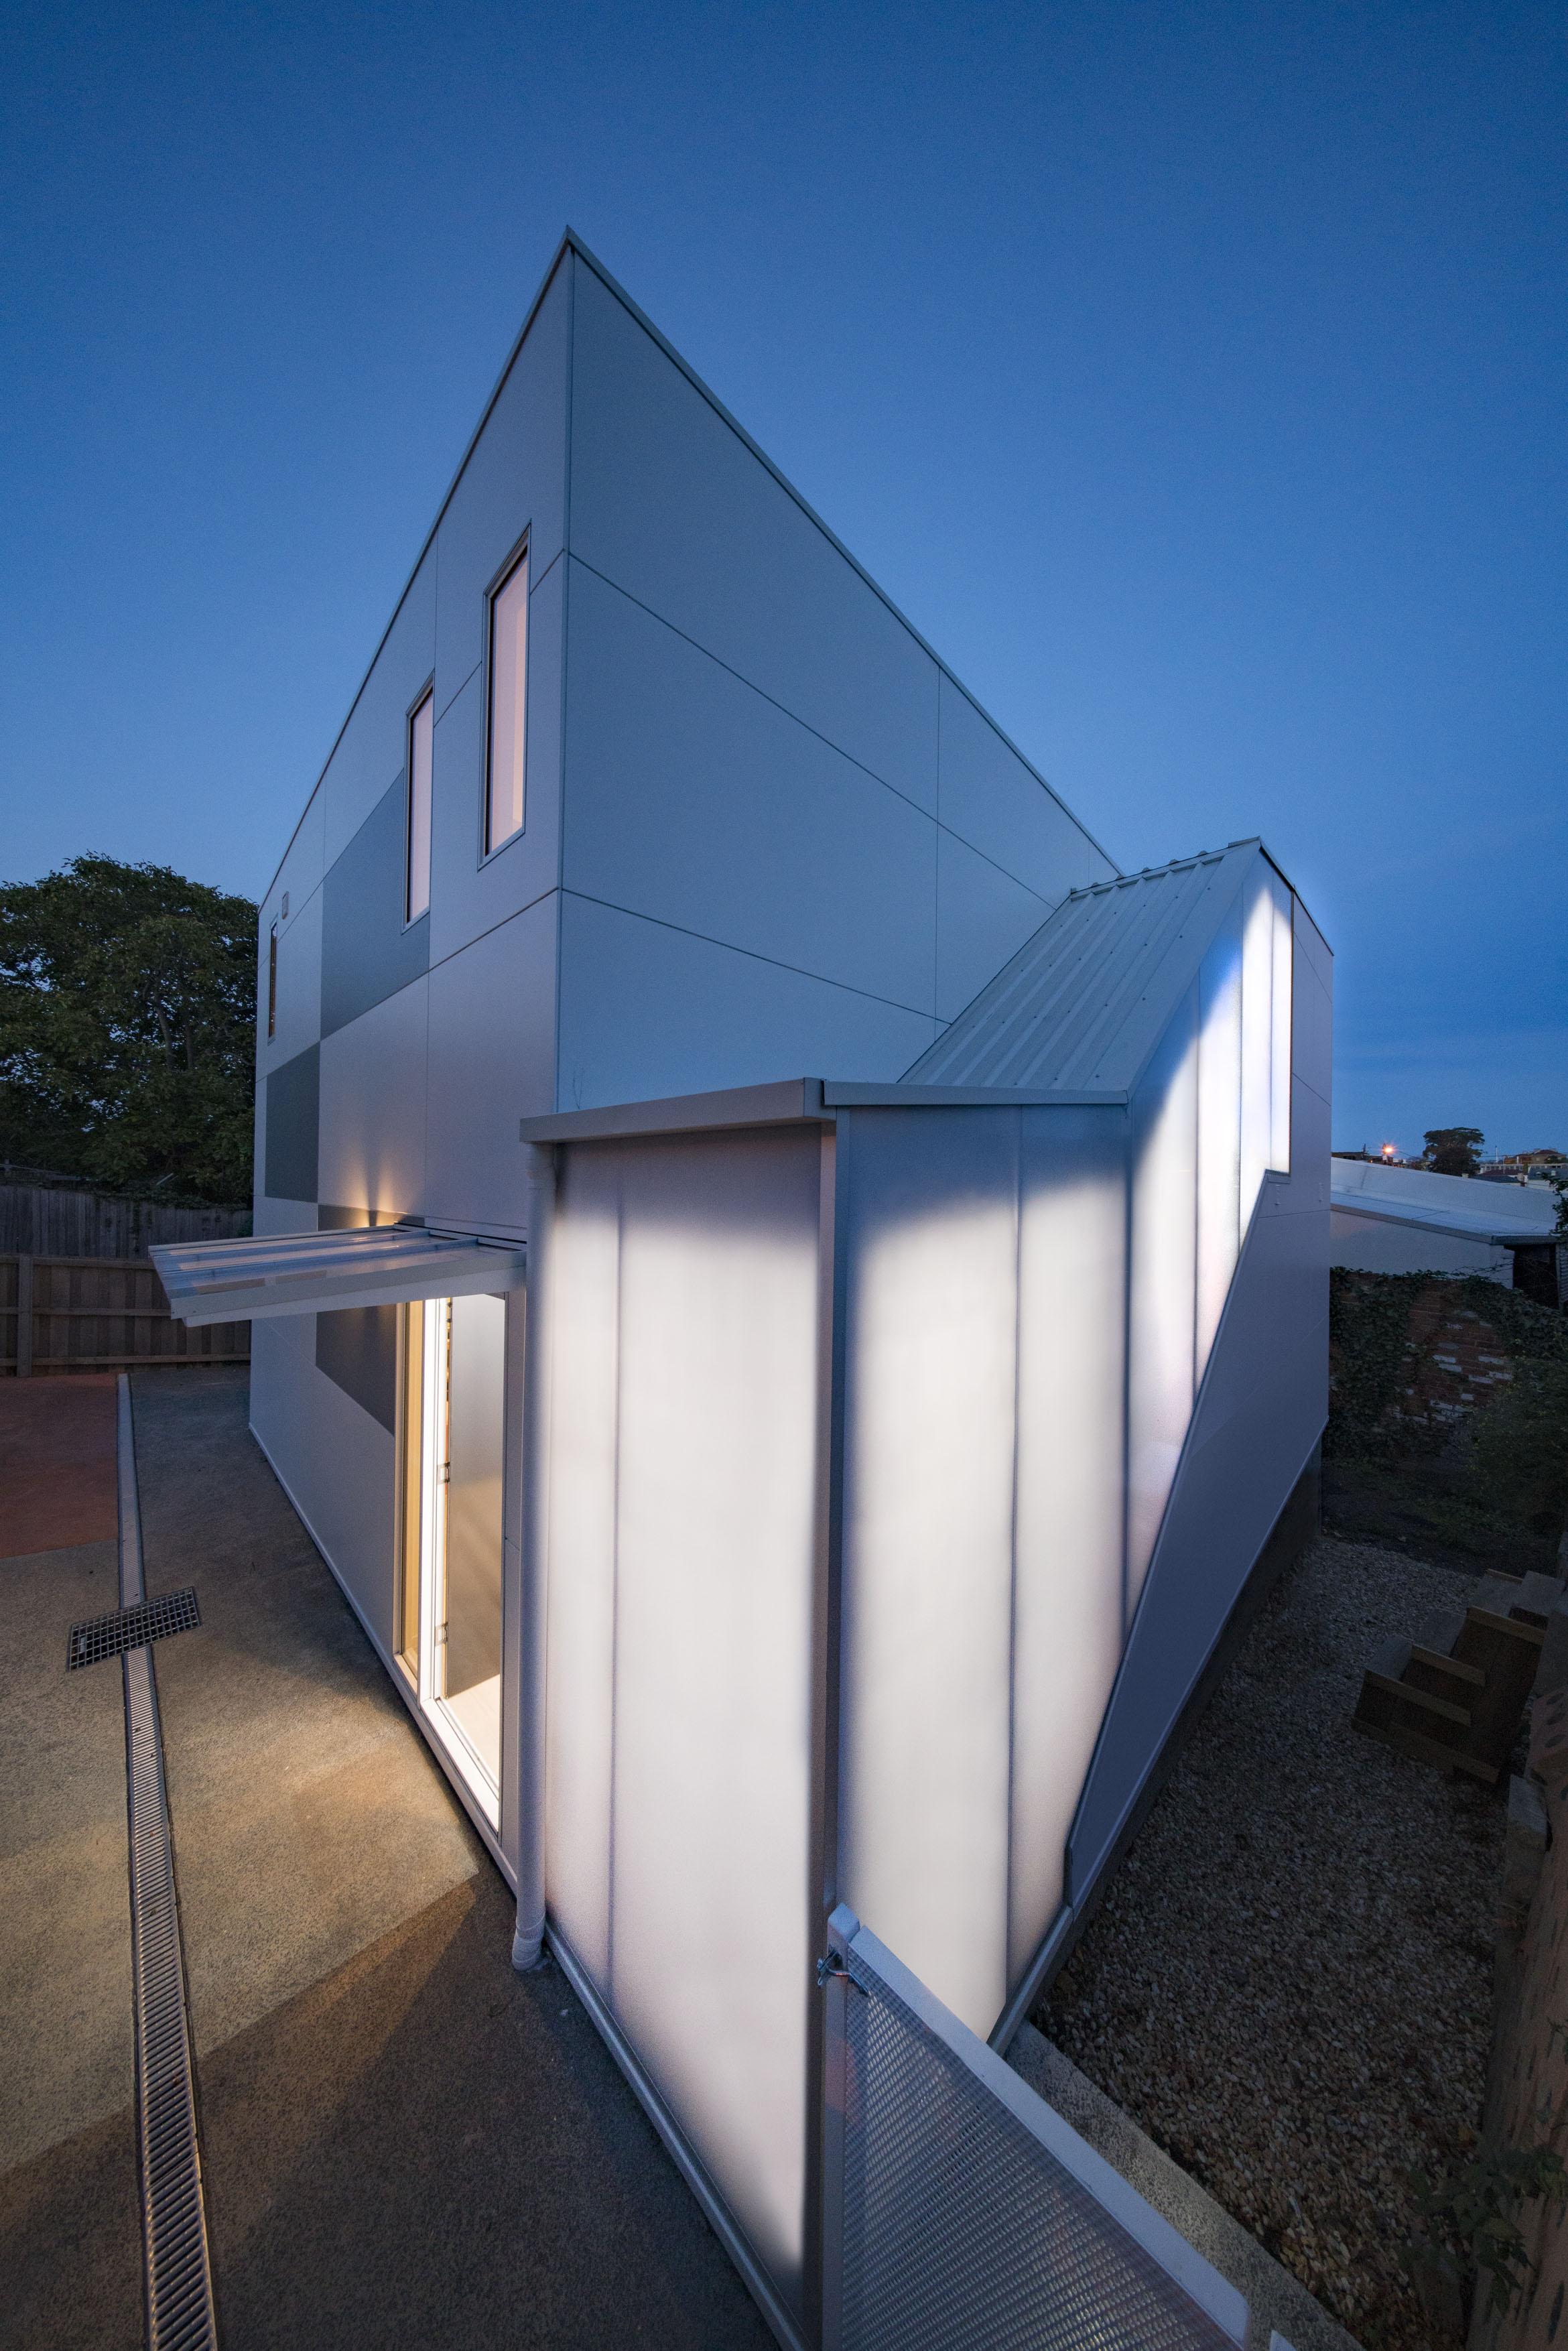 H2O-Architects-Melbourne-Australia-Whitton House-07.jpg